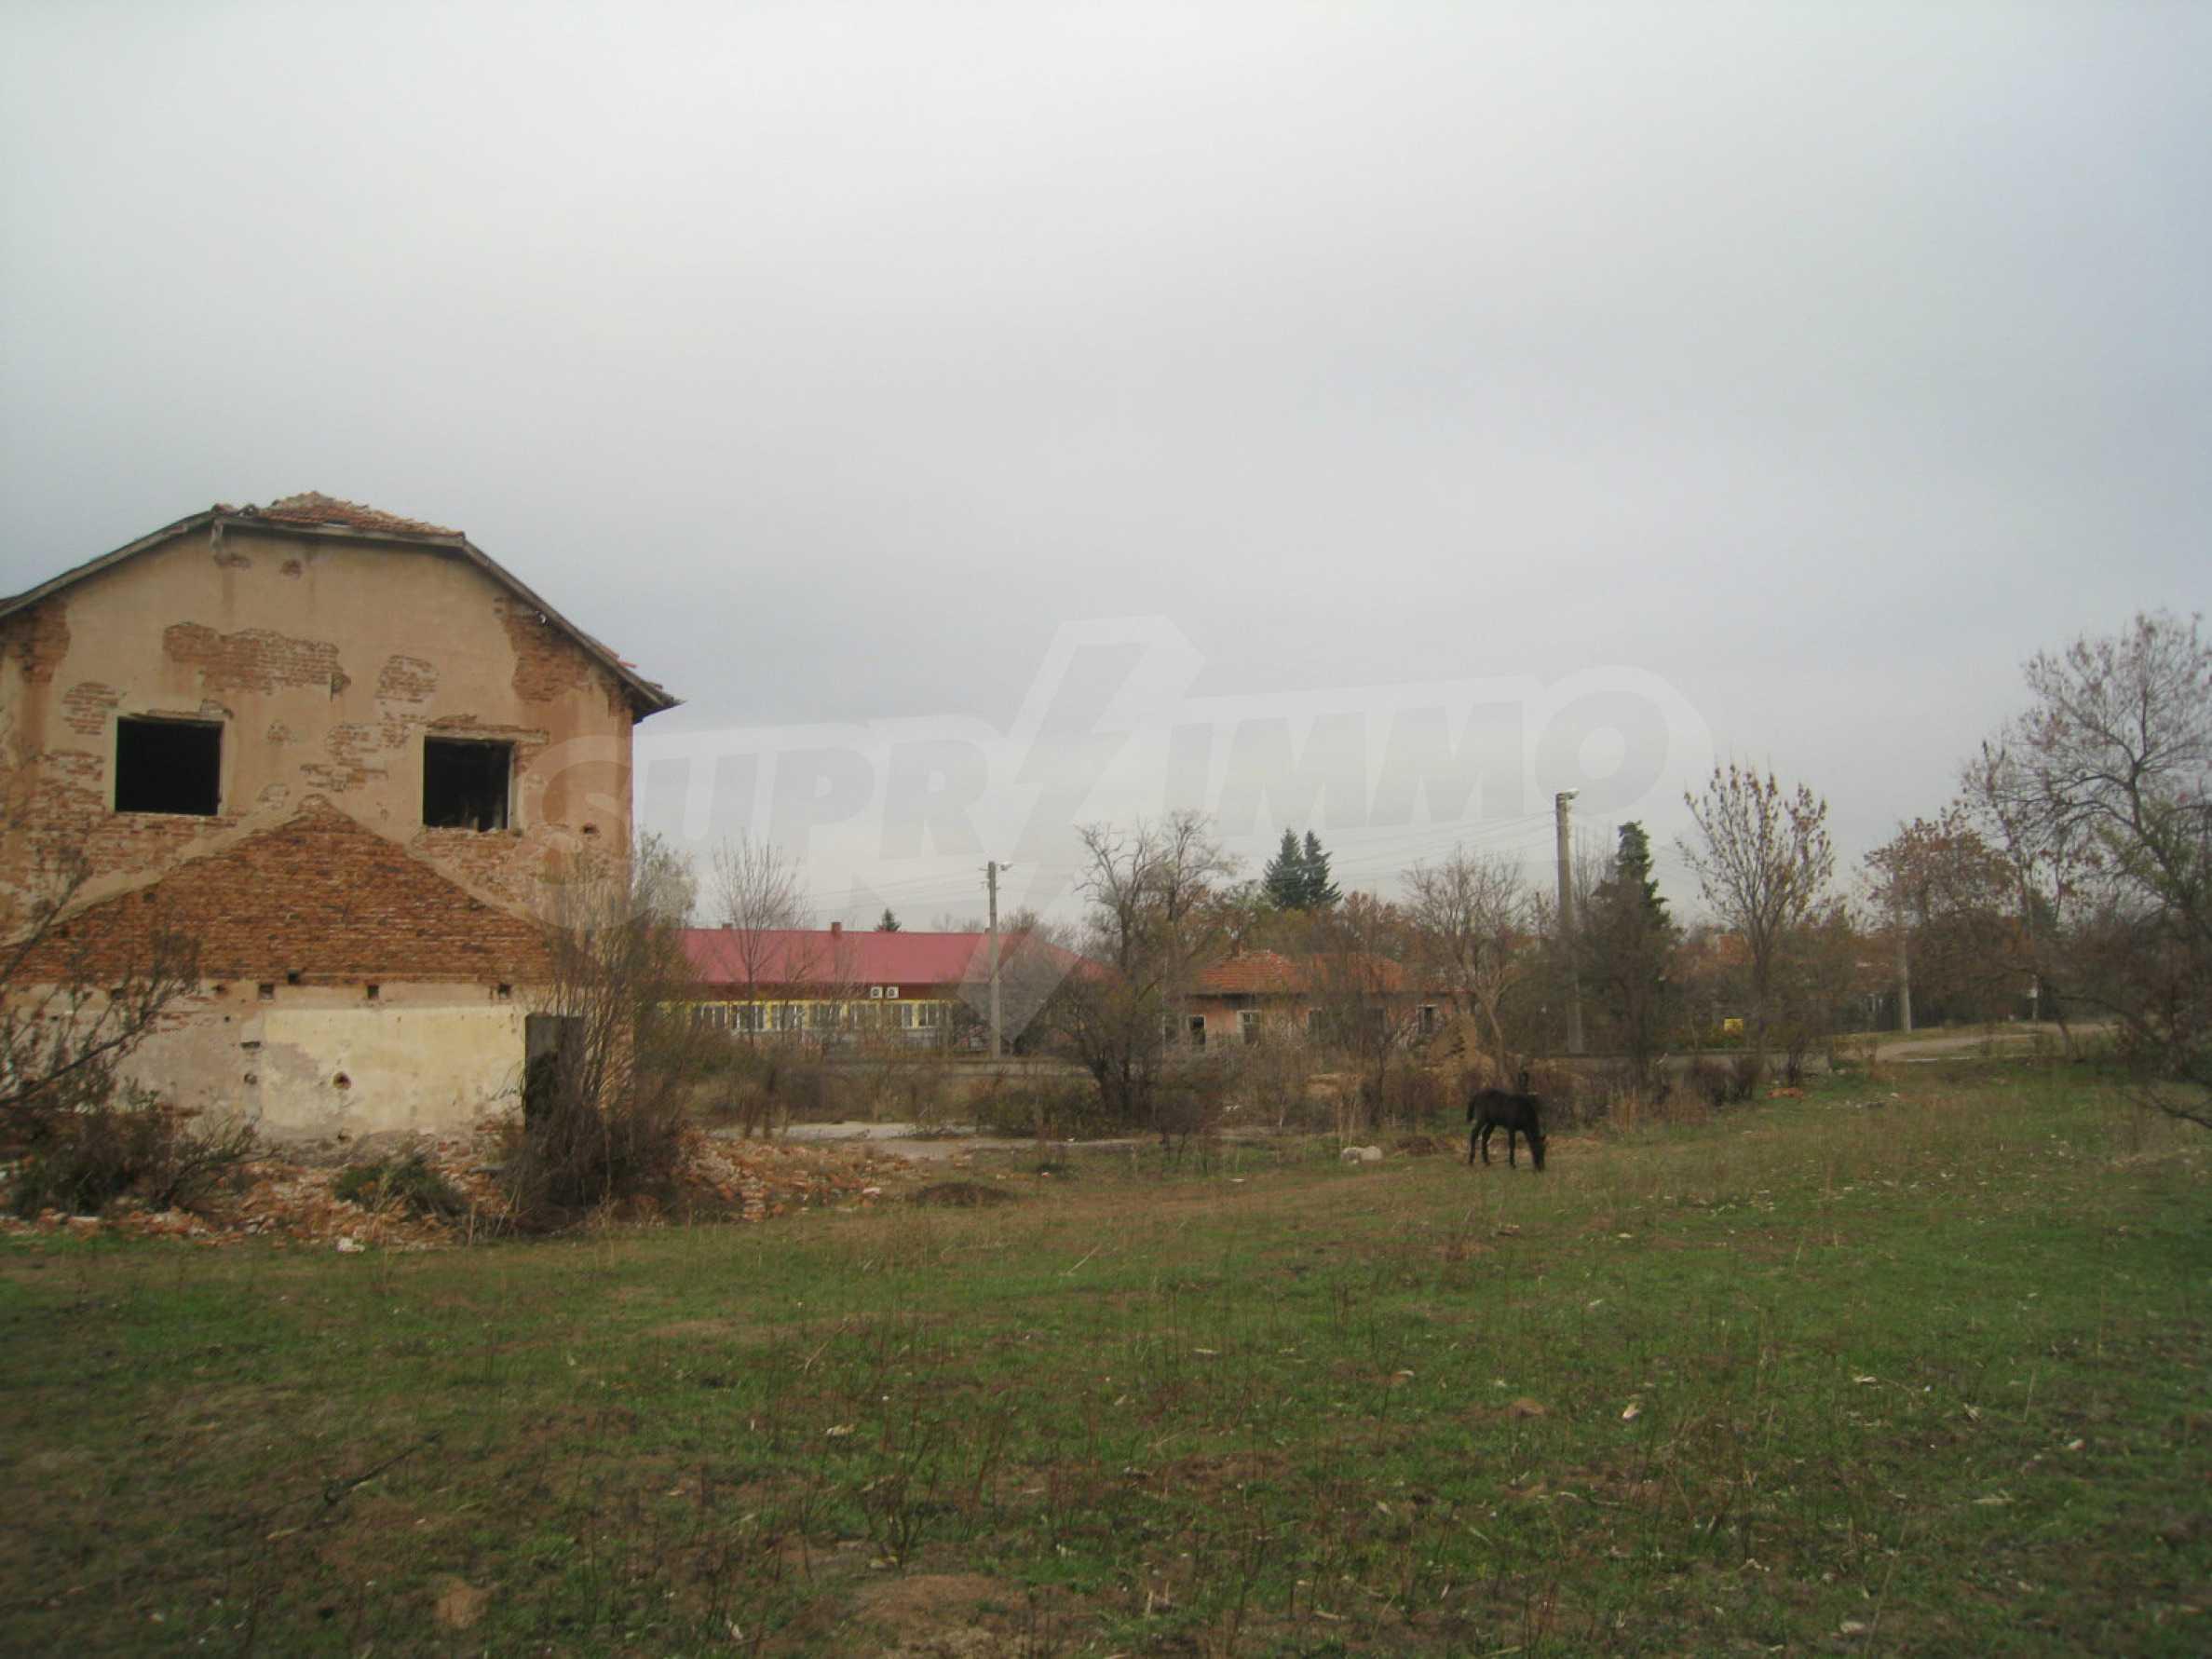 Solides dreistöckiges Gebäude (ehemalige Mühle) mit Hof in der Nähe von Elin Pelin 26